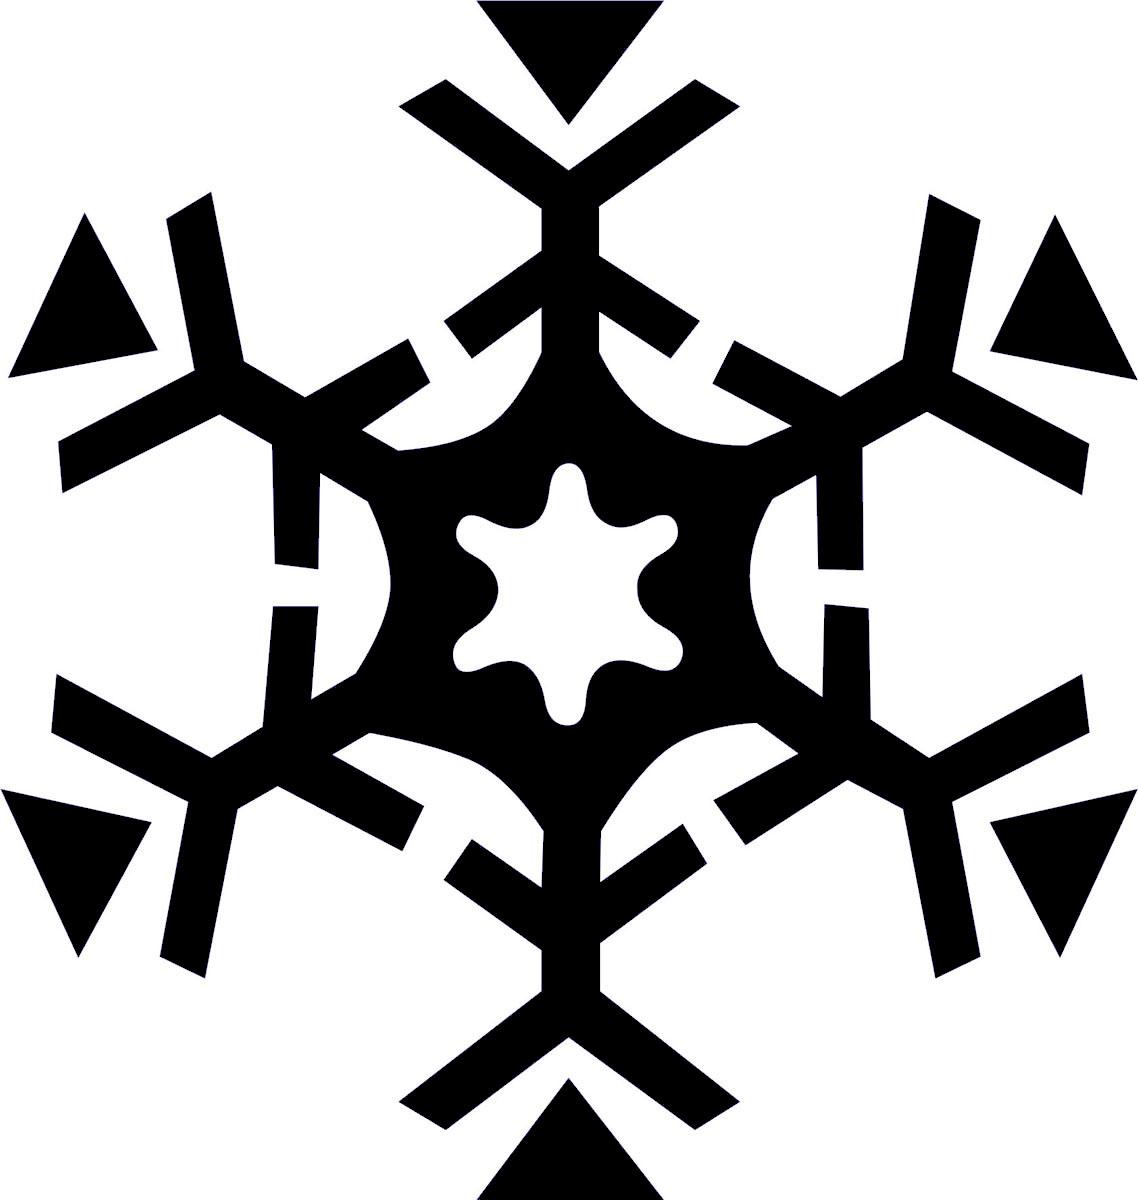 Наклейка автомобильная Оранжевый слоник Снежинка 1, виниловая, цвет: черный150NG0009BОригинальная наклейка Оранжевый слоник Снежинка 1 изготовлена из высококачественной виниловой пленки, которая выполняет не только декоративную функцию, но и защищает кузов автомобиля от небольших механических повреждений, либо скрывает уже существующие. Виниловые наклейки на автомобиль - это не только красиво, но еще и быстро! Всего за несколько минут вы можете полностью преобразить свой автомобиль, сделать его ярким, необычным, особенным и неповторимым!